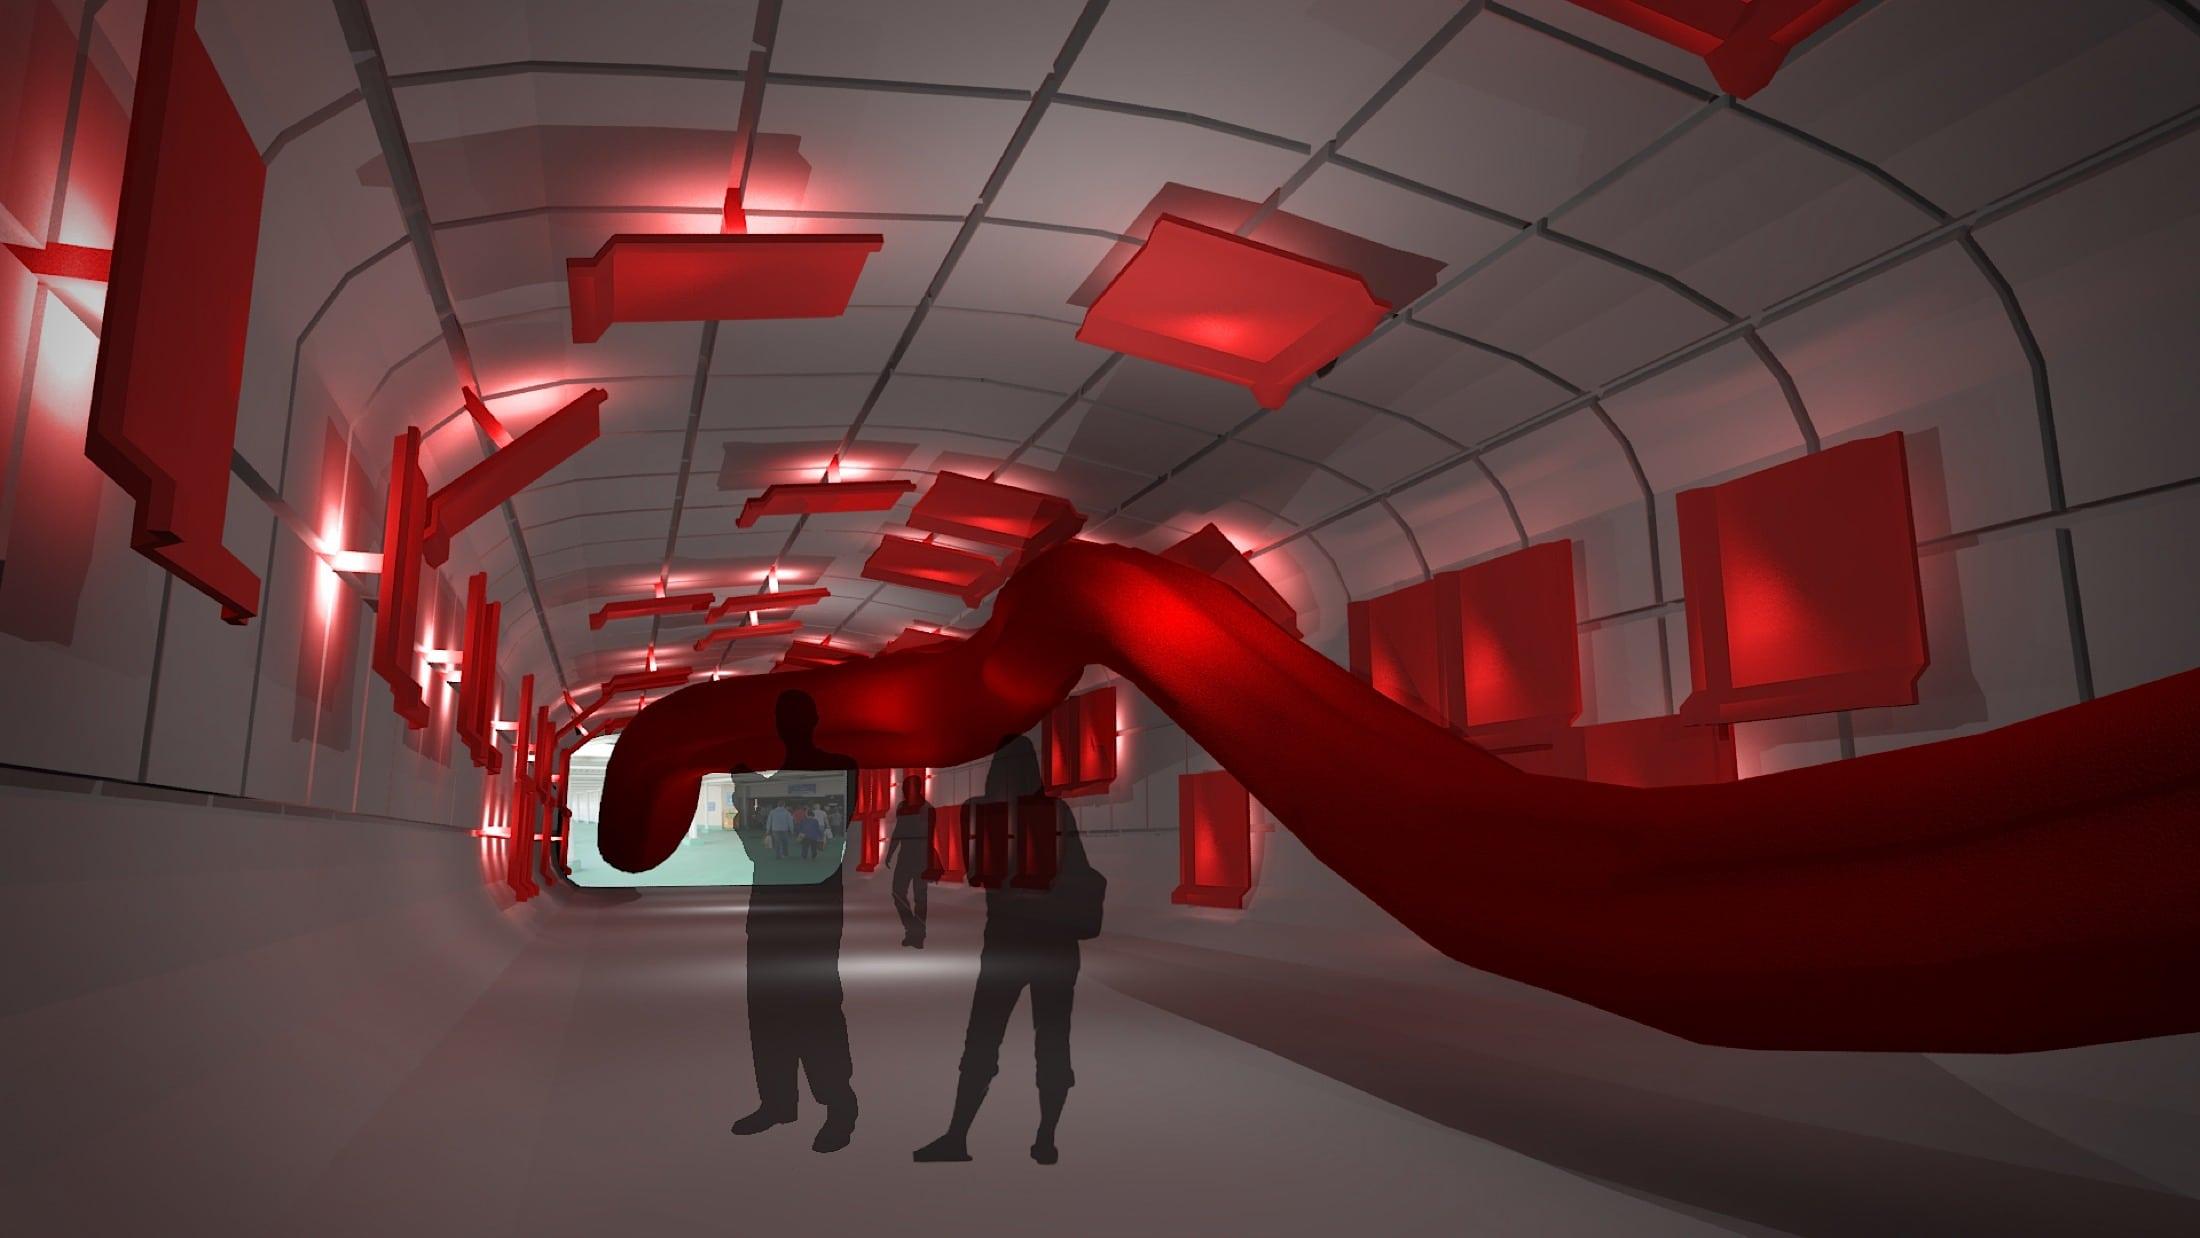 Interior Architecture & Design Course Exhibit at Free Range